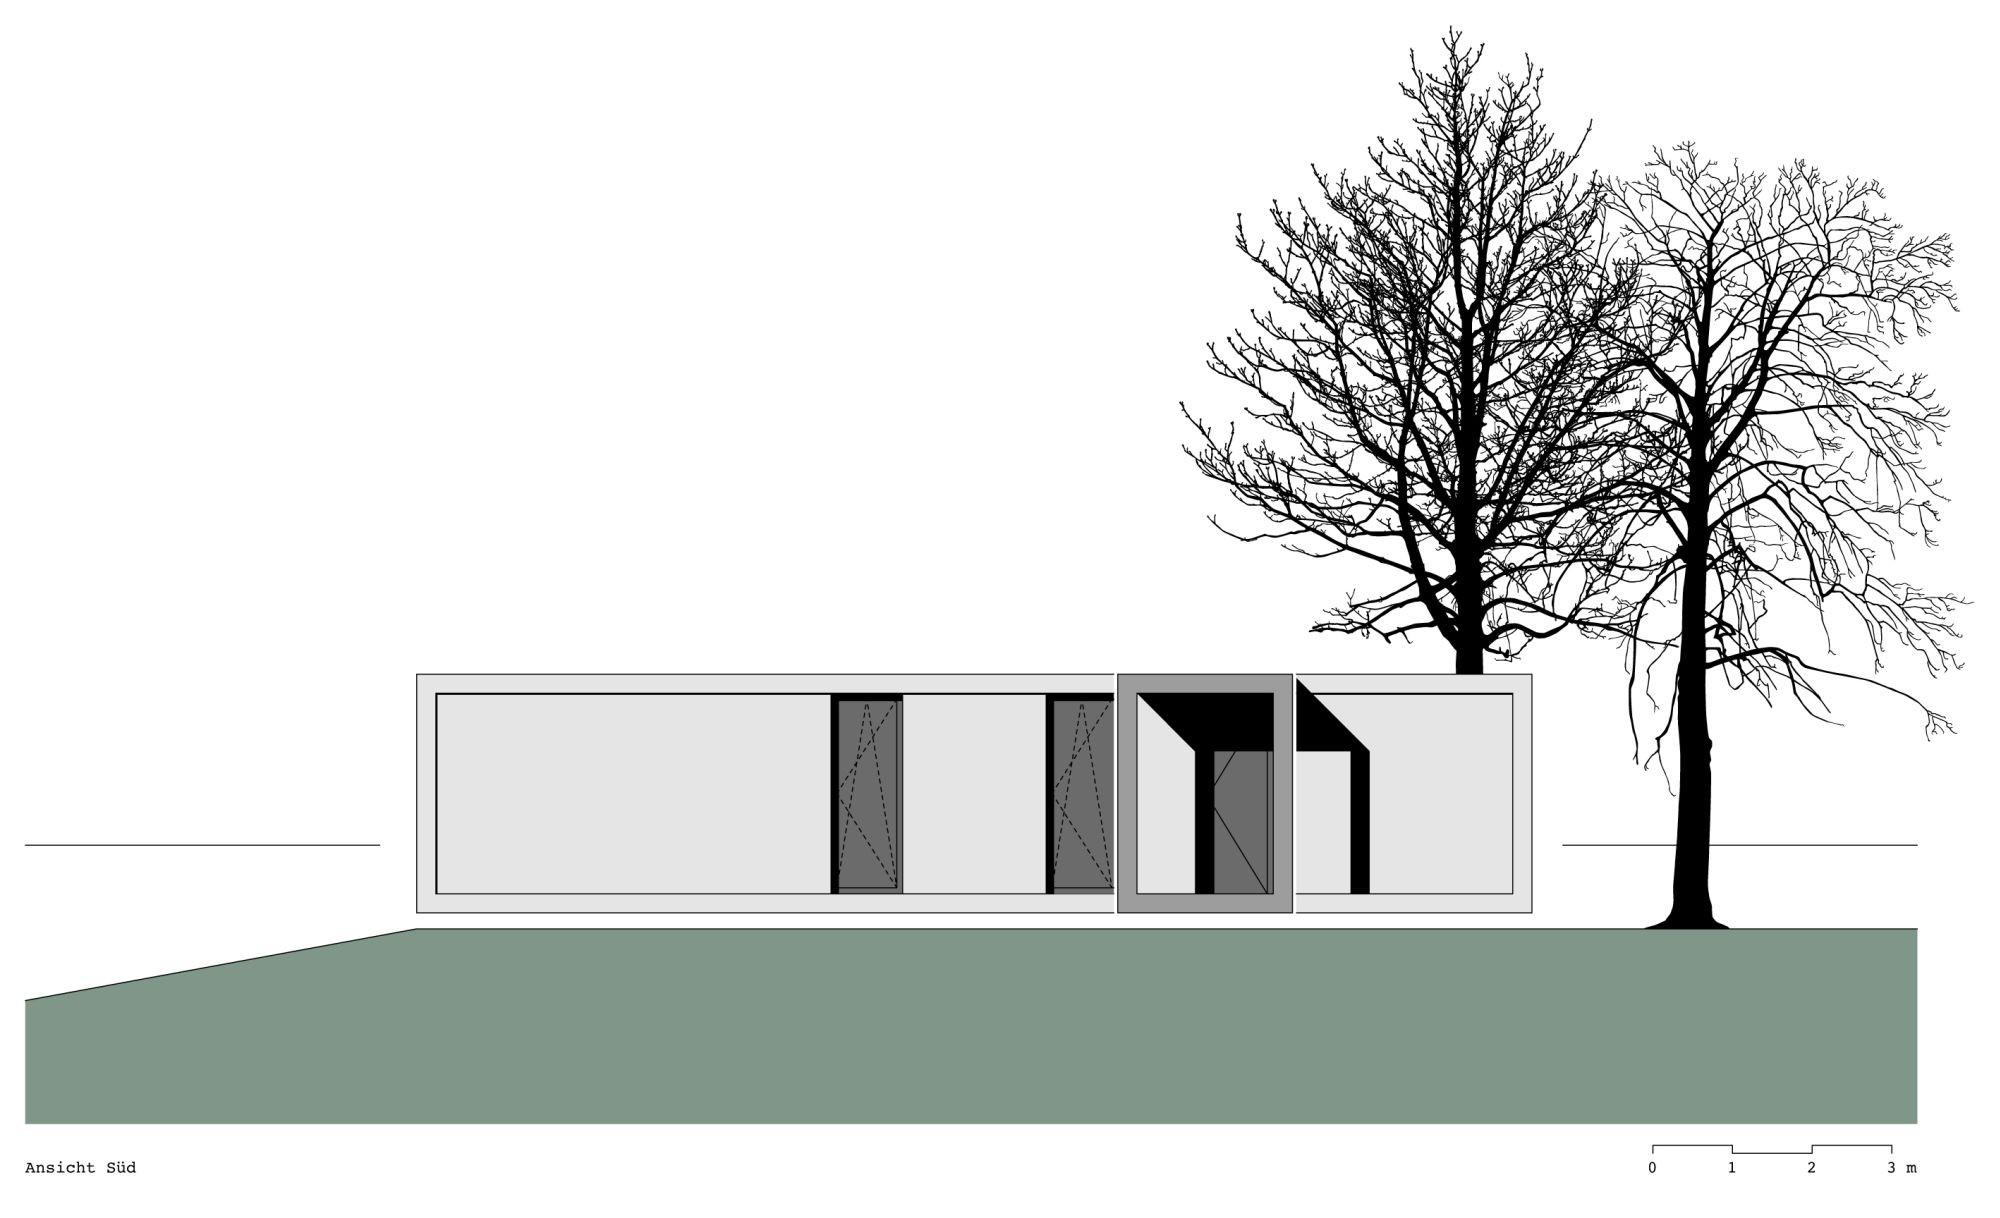 Lhvh Architekten gallery of containerlove lhvh architekten 14